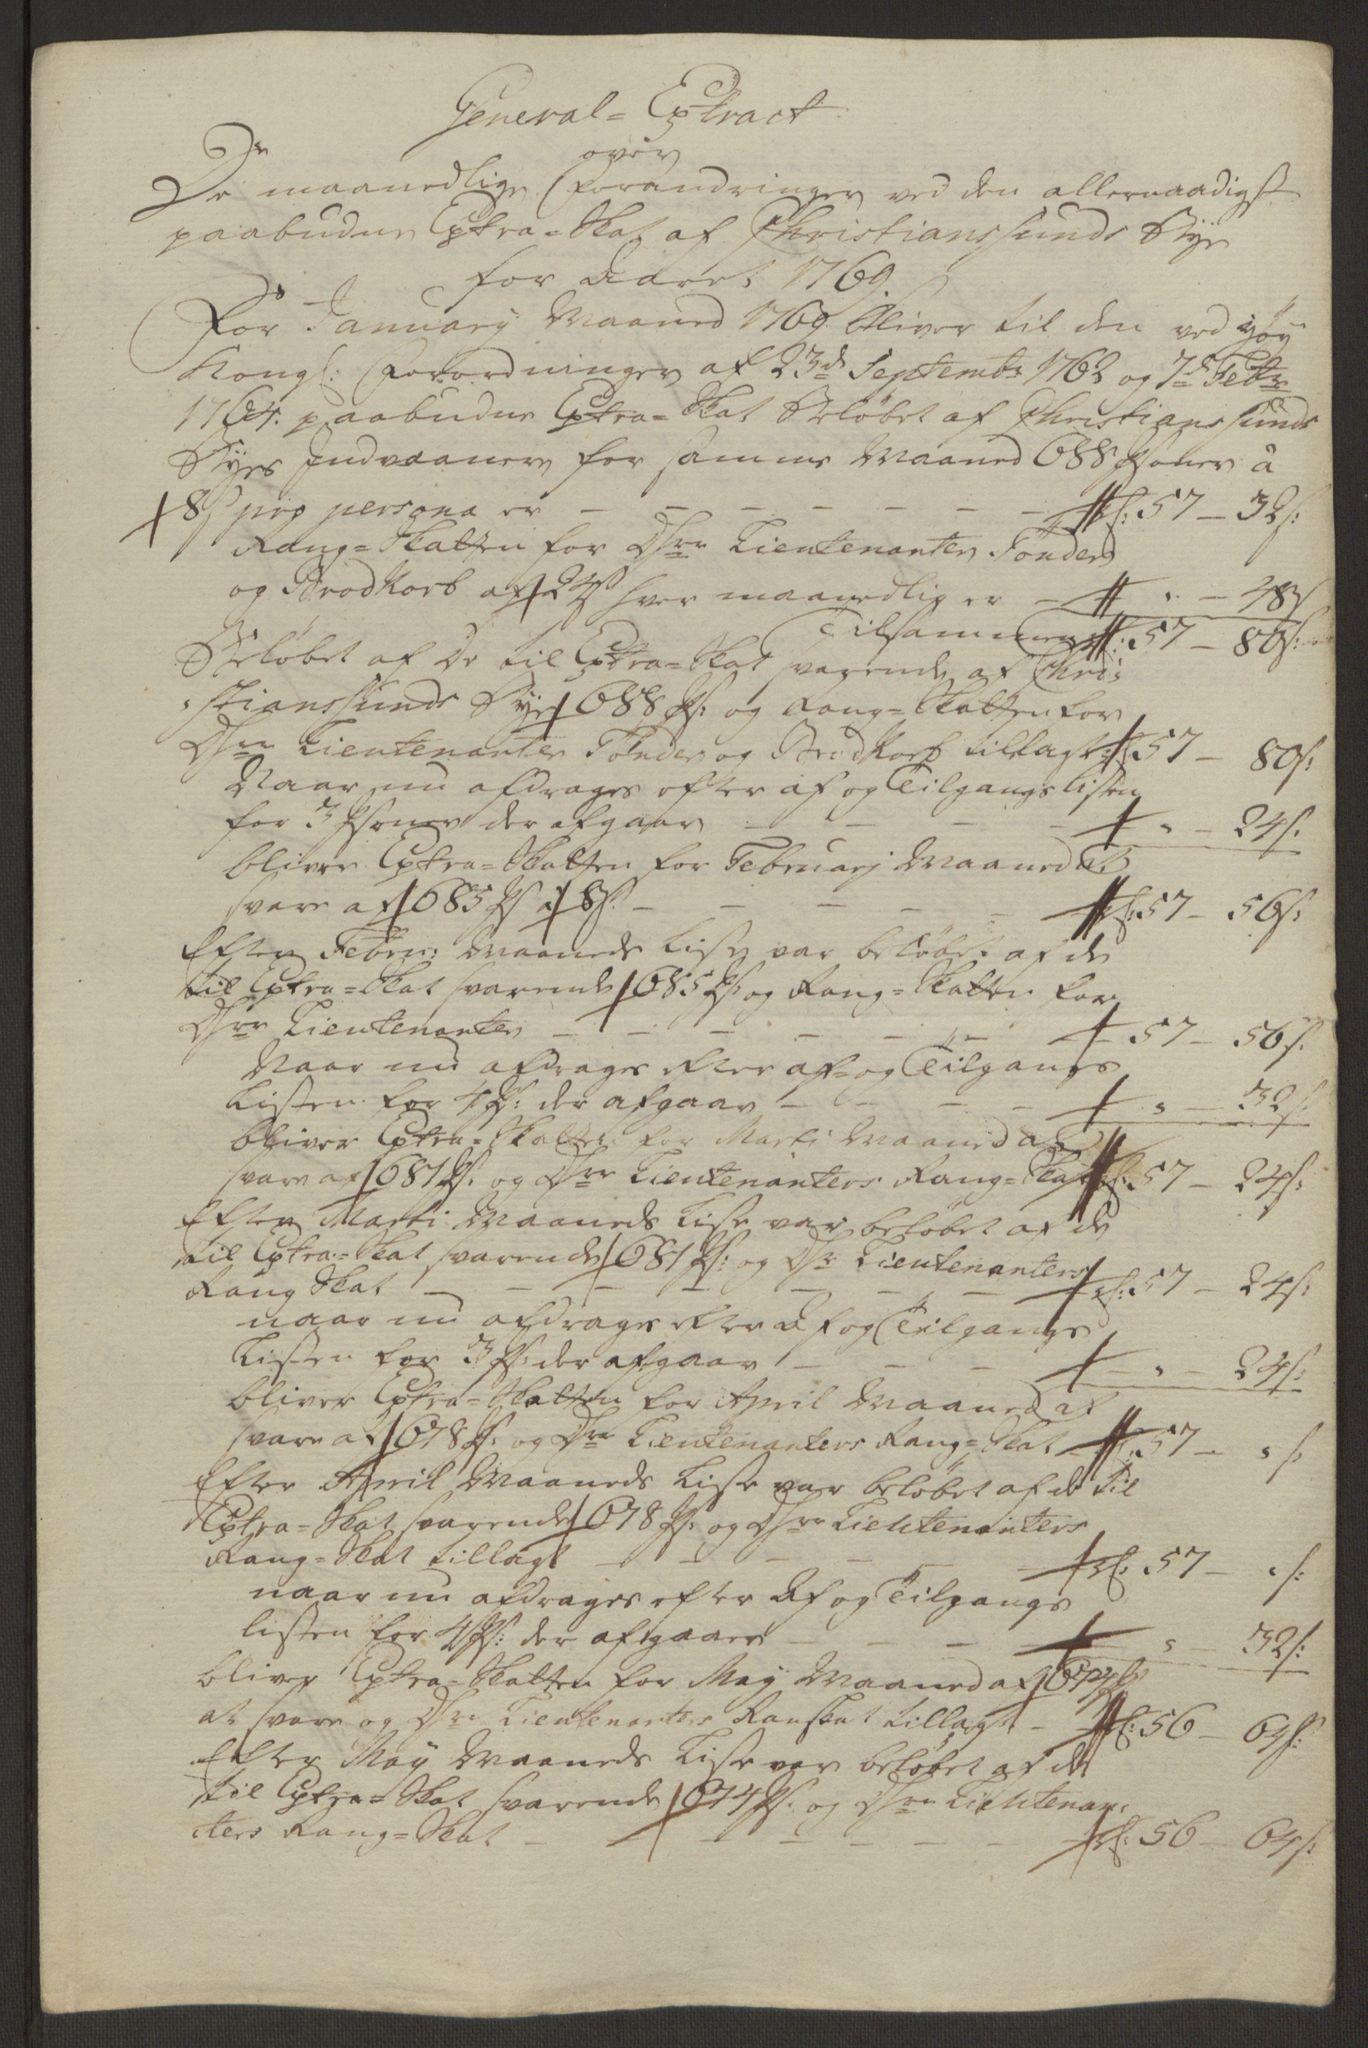 RA, Rentekammeret inntil 1814, Reviderte regnskaper, Byregnskaper, R/Rr/L0495: [R1] Kontribusjonsregnskap, 1762-1772, s. 219